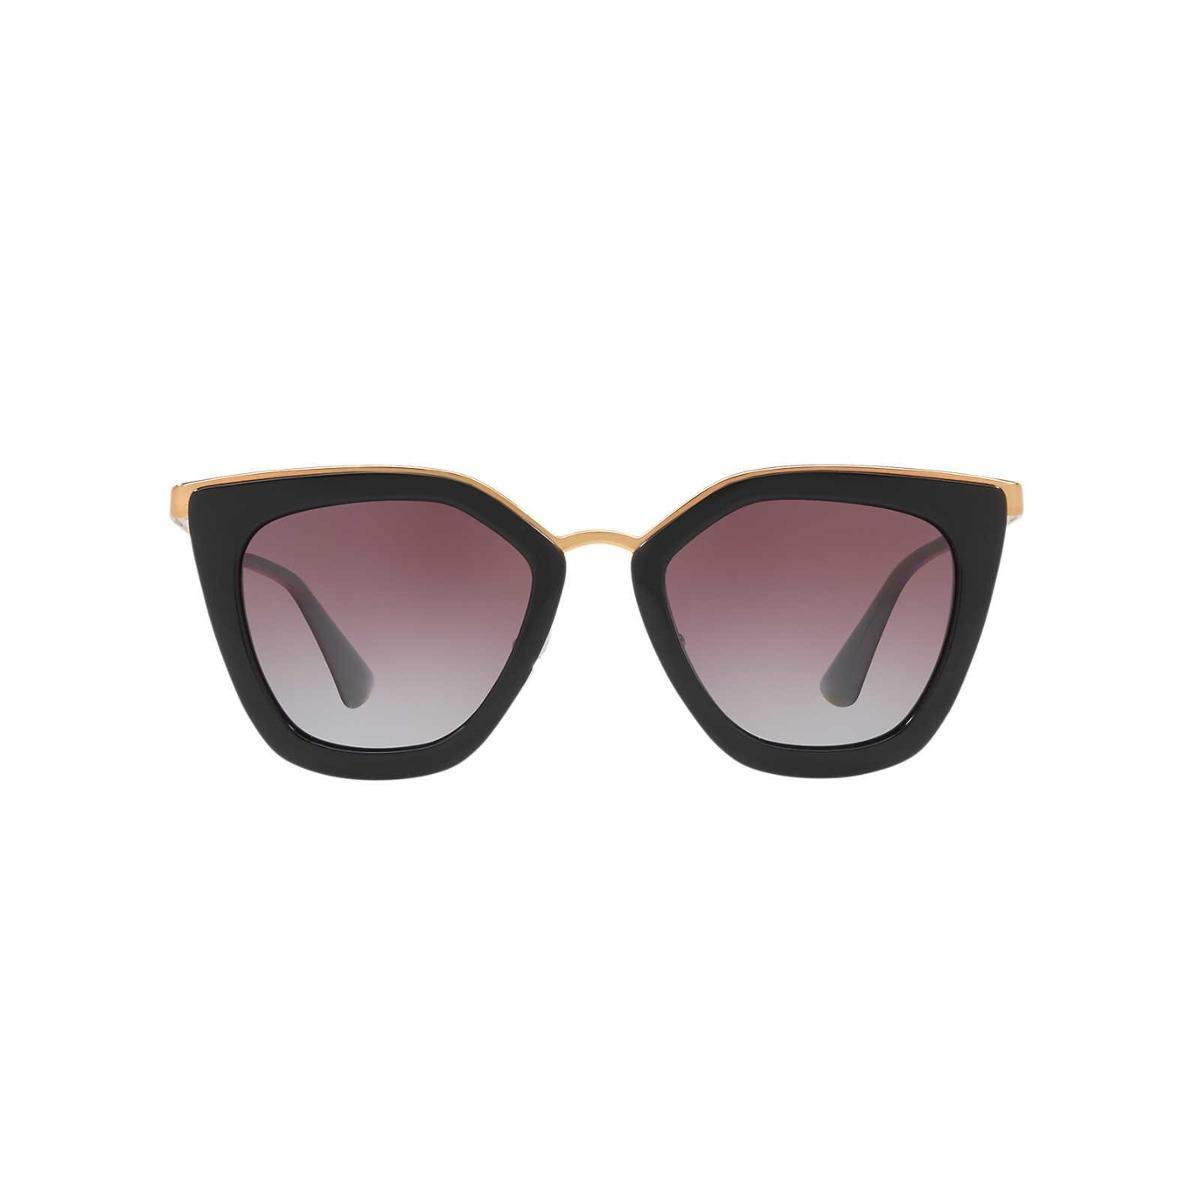 f9c1669461f4c Óculos de Sol Prada Gatinho - Preto - Compre Agora